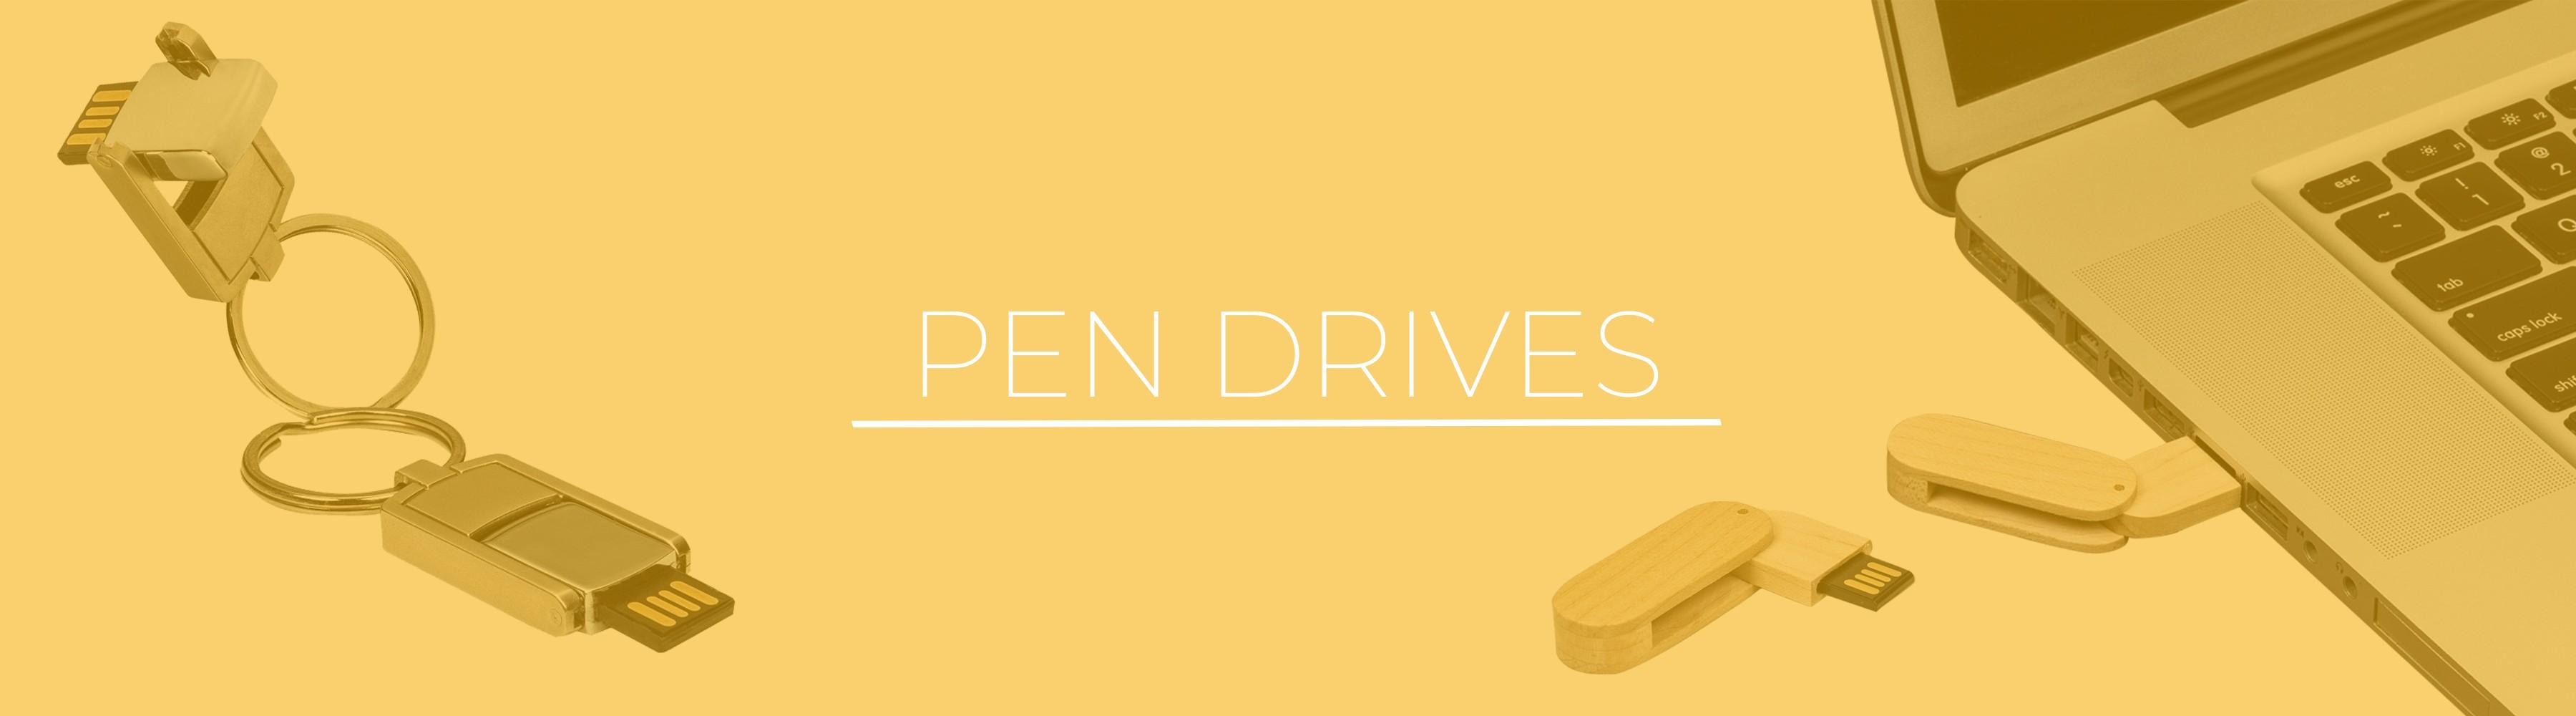 Banner Pen Drives